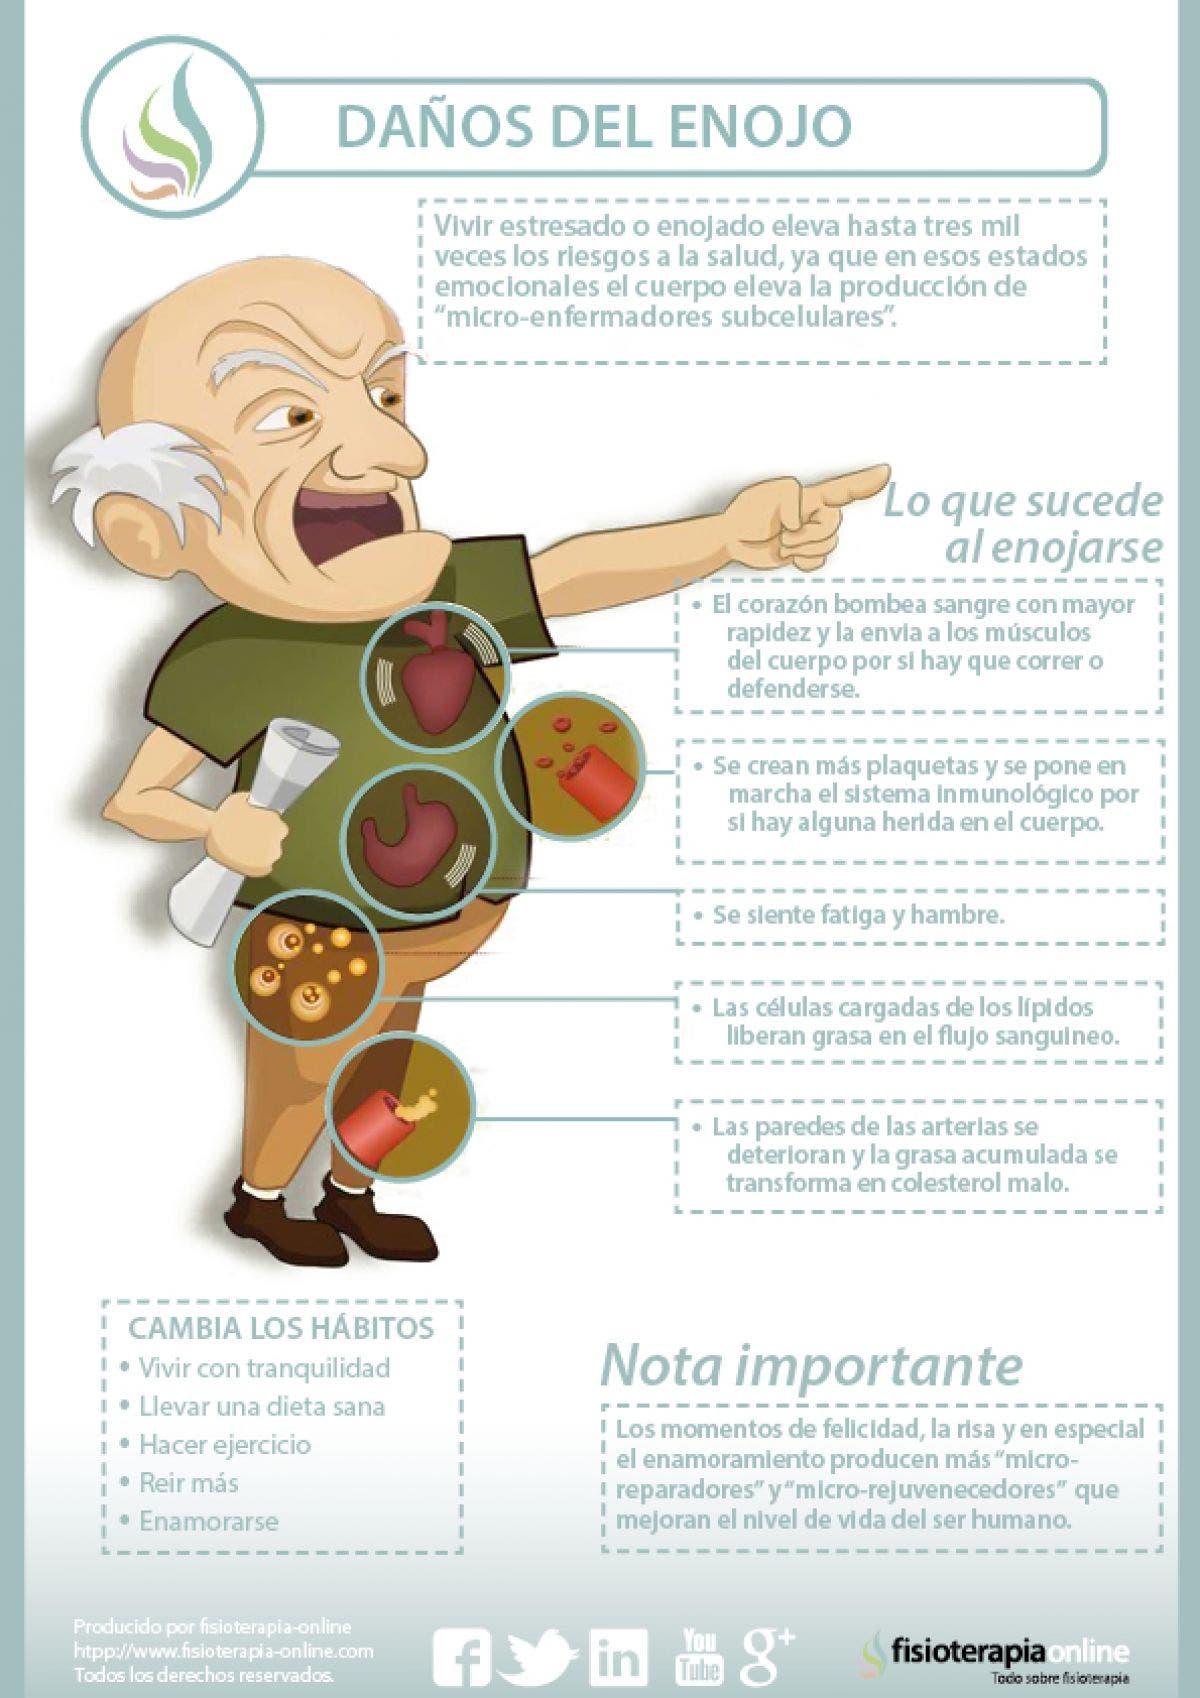 Estrés, preocupación y presión arterial